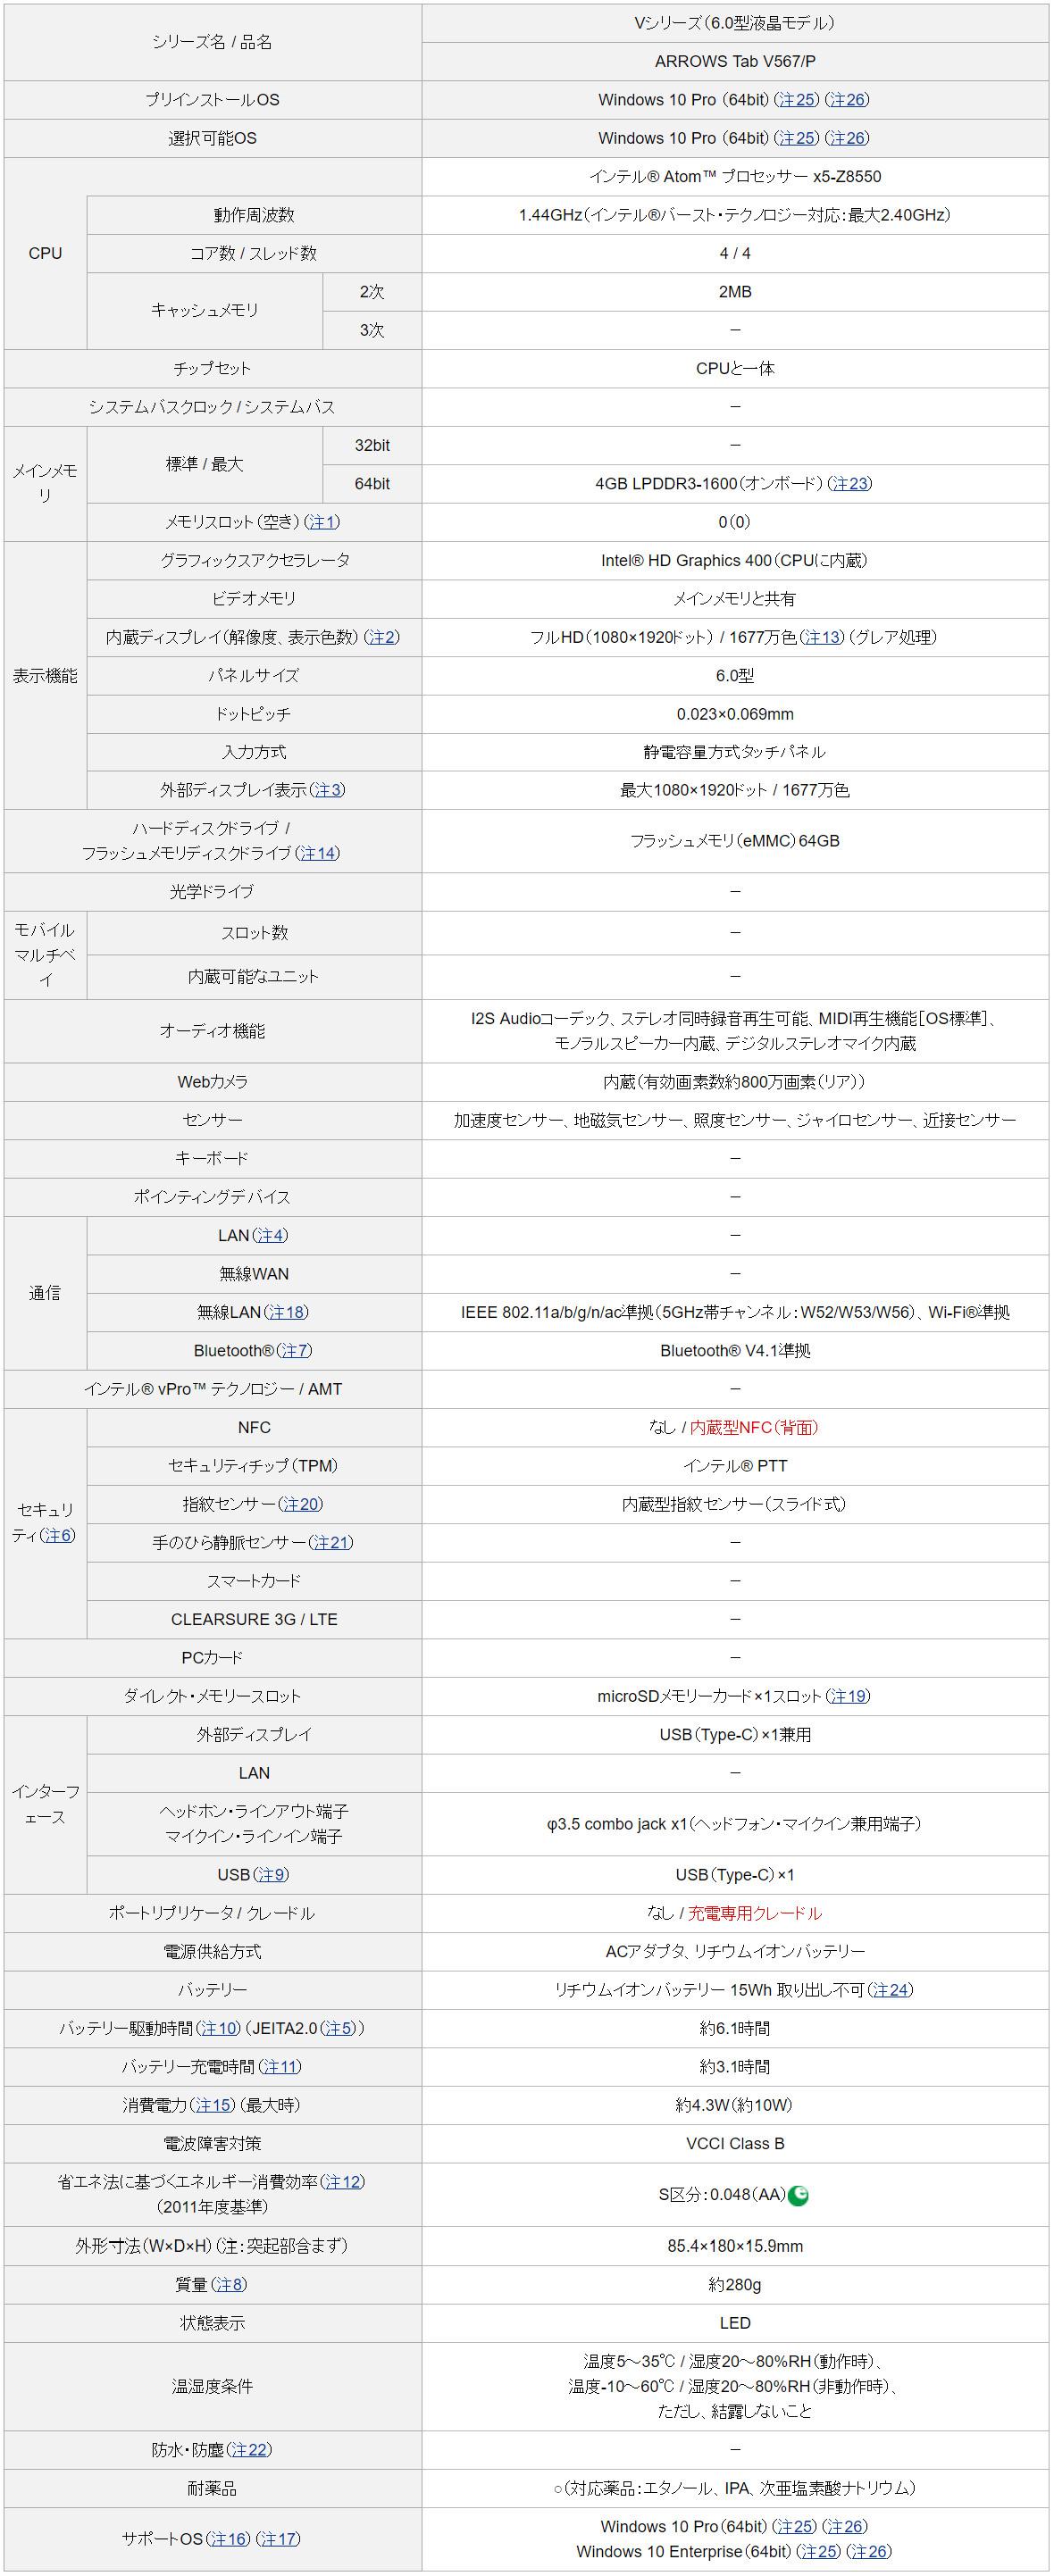 富士通 ARROWS Tab V567/P スペック表